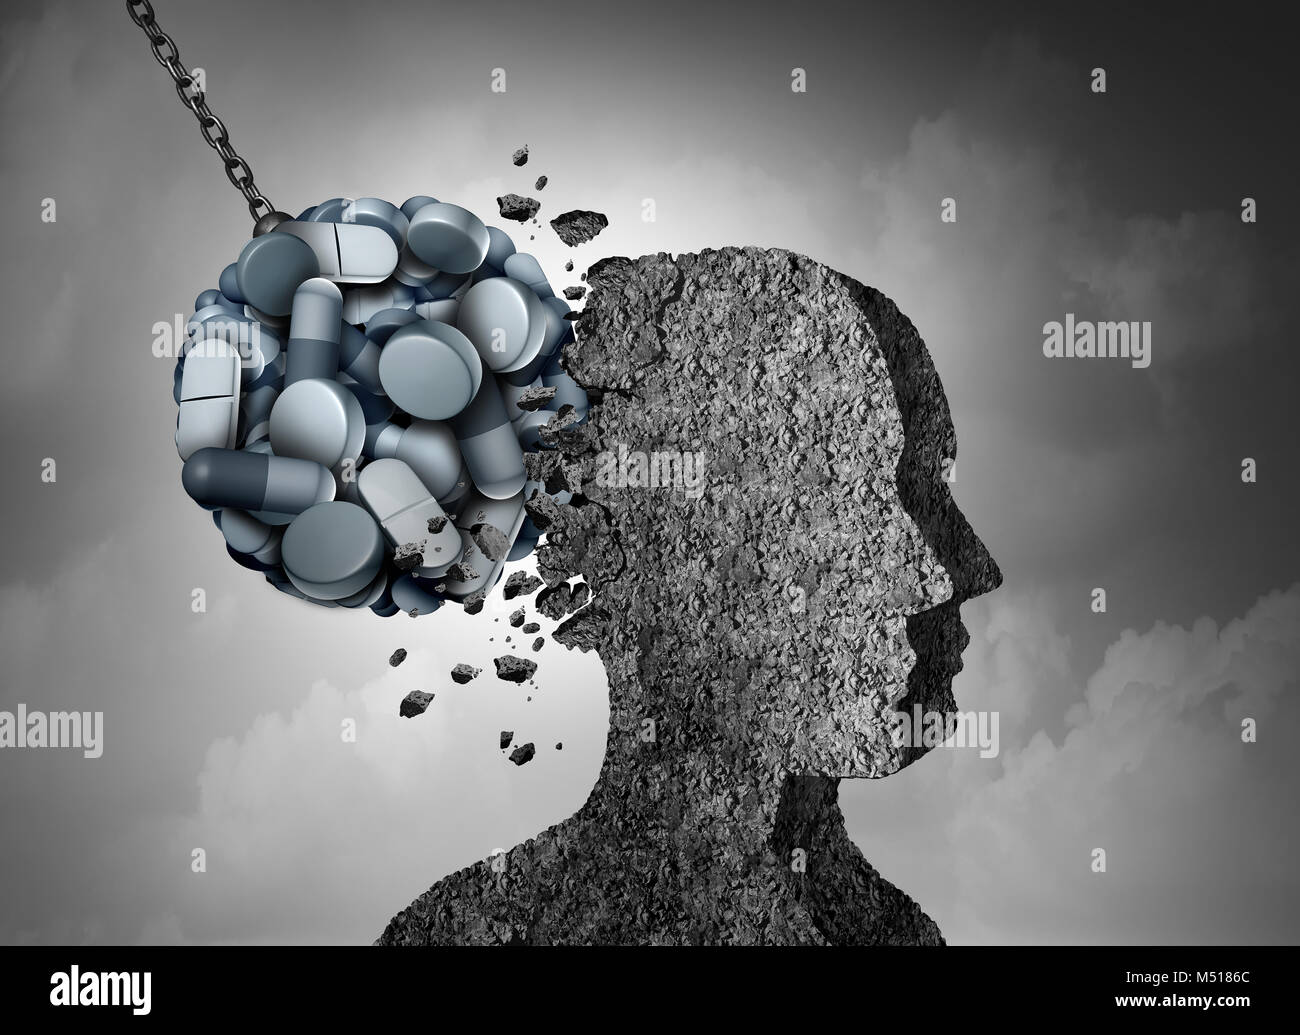 Epidemia de opioides peligro para la salud y crisis médica con un analgésico de venta con receta adicción concepto Foto de stock